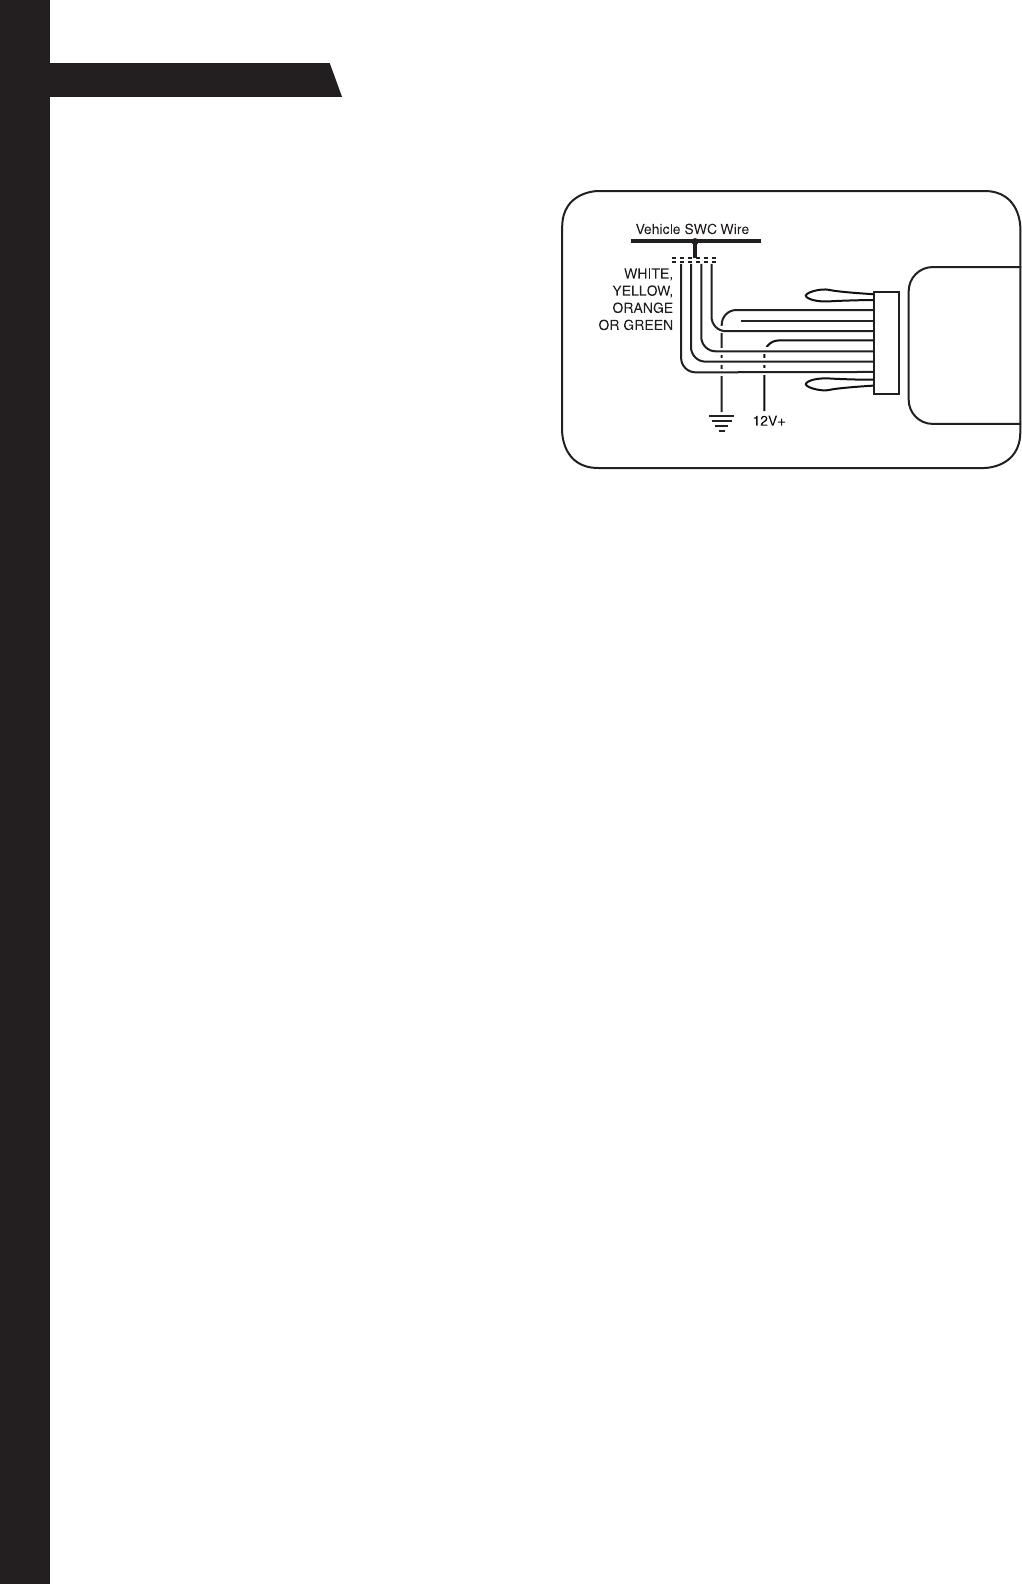 PAC SWI RC User Manual To The 3f8c1121 ce7d 4abc b238 16a7a4781f3b